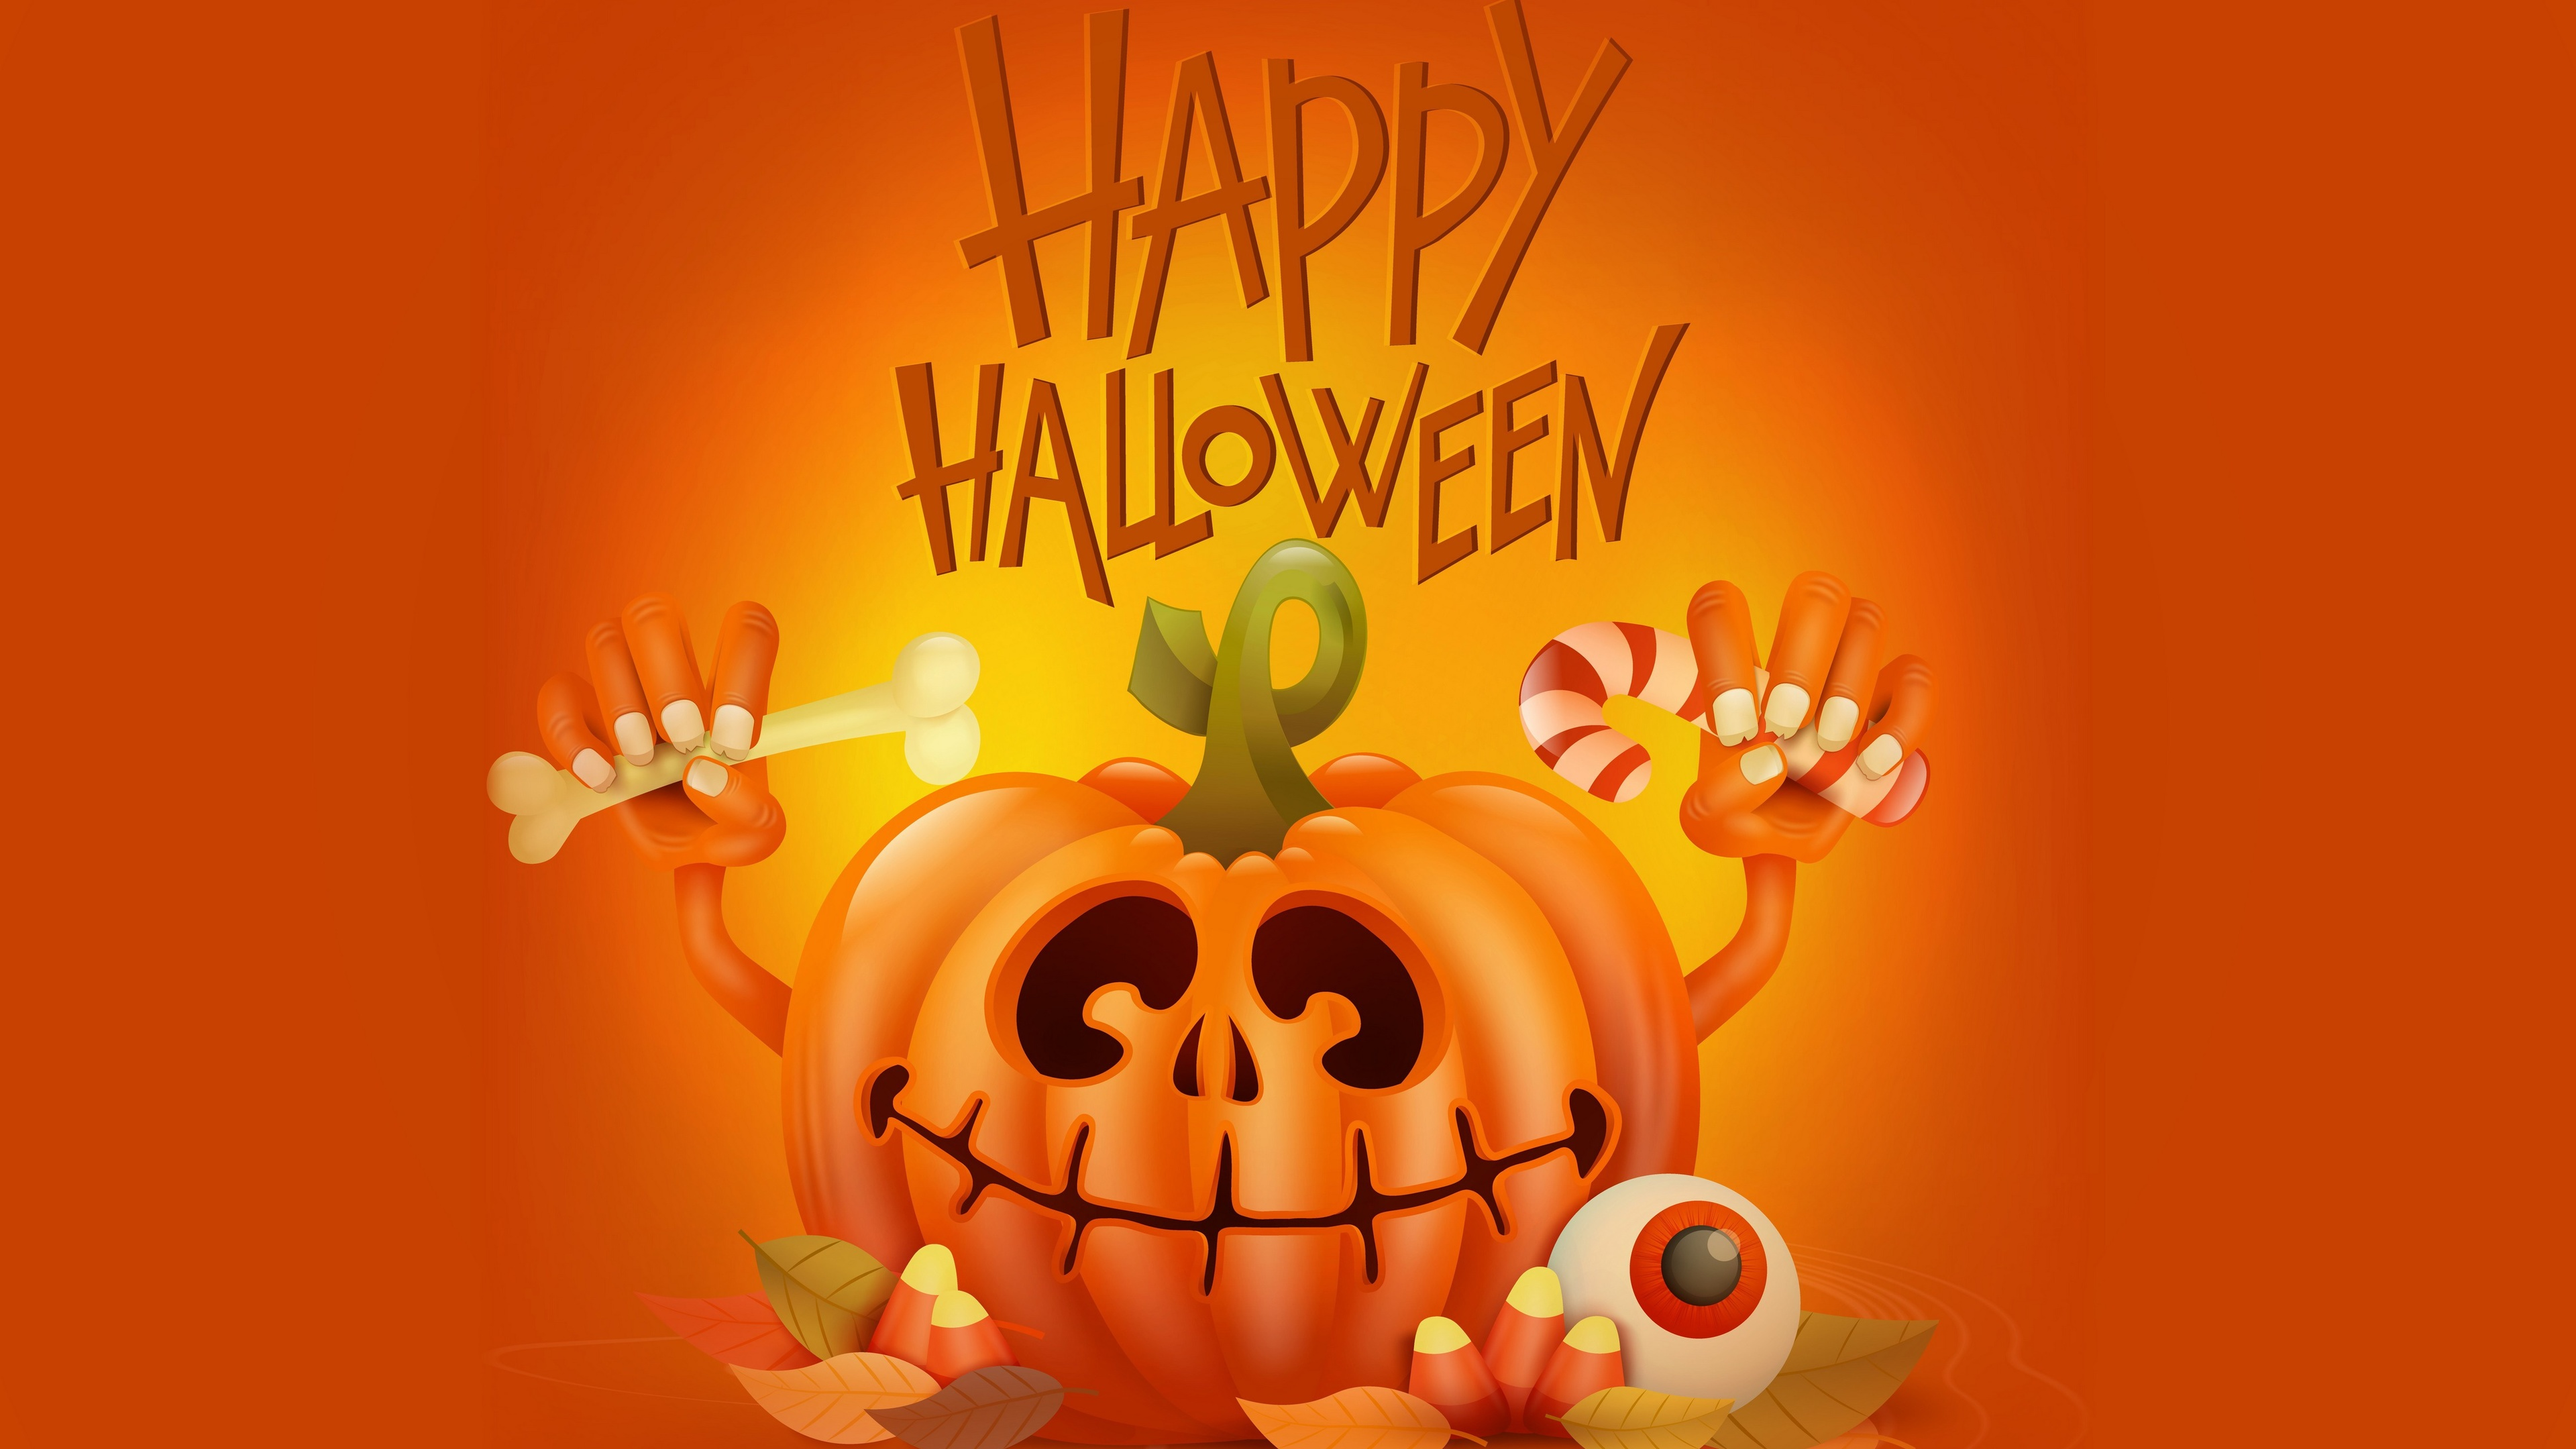 4k happy halloween 1543946472 - 4k Happy Halloween - pumpkin wallpapers, holidays wallpapers, hd-wallpapers, halloween wallpapers, celebrations wallpapers, 5k wallpapers, 4k-wallpapers